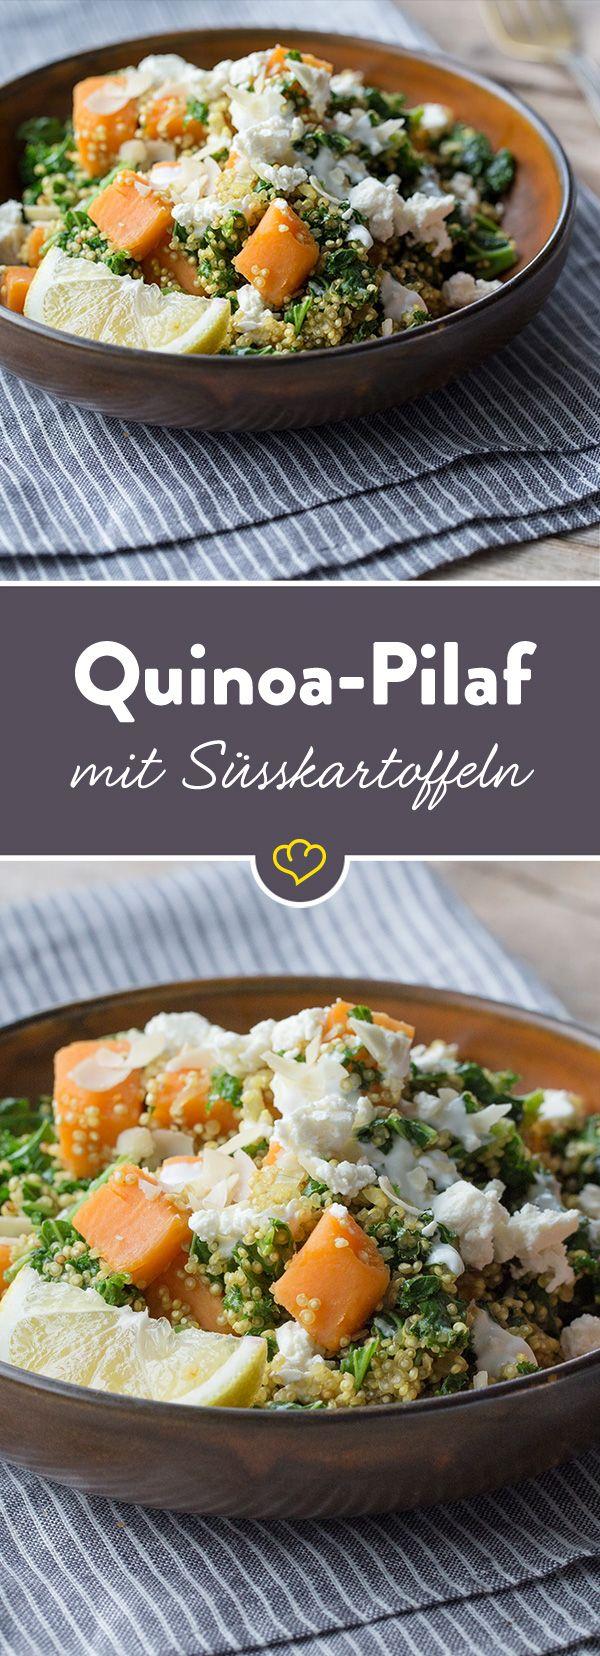 Grünkohl mal anders: zusammen mit Süßkartoffel und Quinoa wird aus dem beliebten Wintergemüse ein farbenfrohes Pfannengericht mit viel Power für kalte Tage.